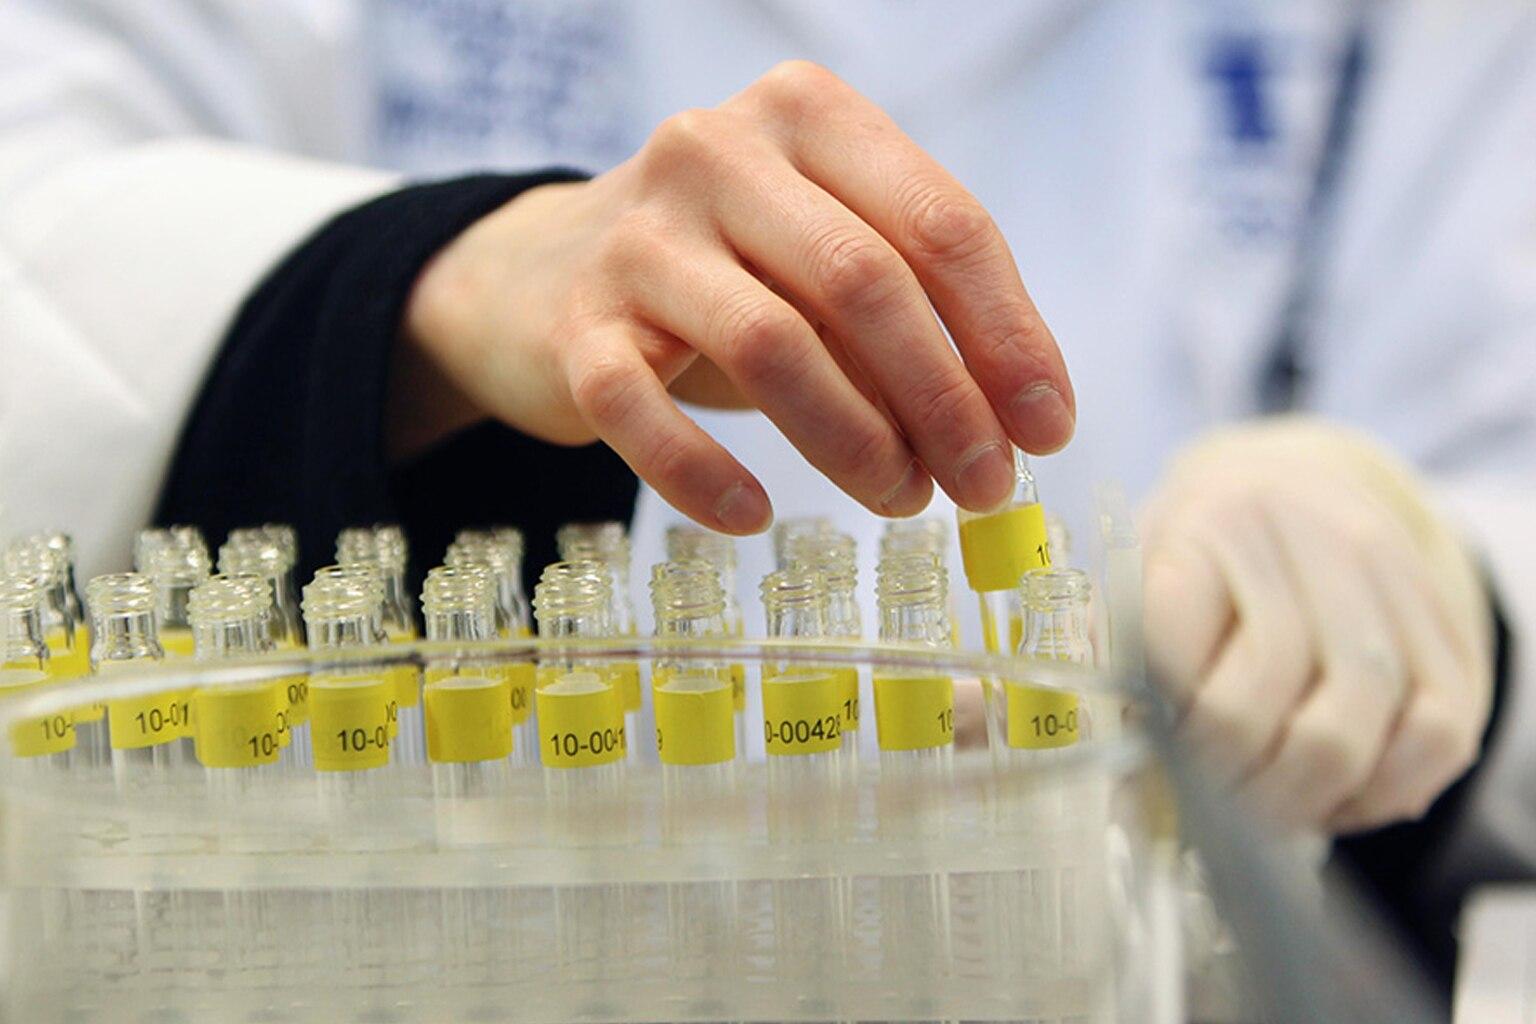 Антидопинговое тестирование должны пройти 422 кандидата в сборную России на Паралимпиаду